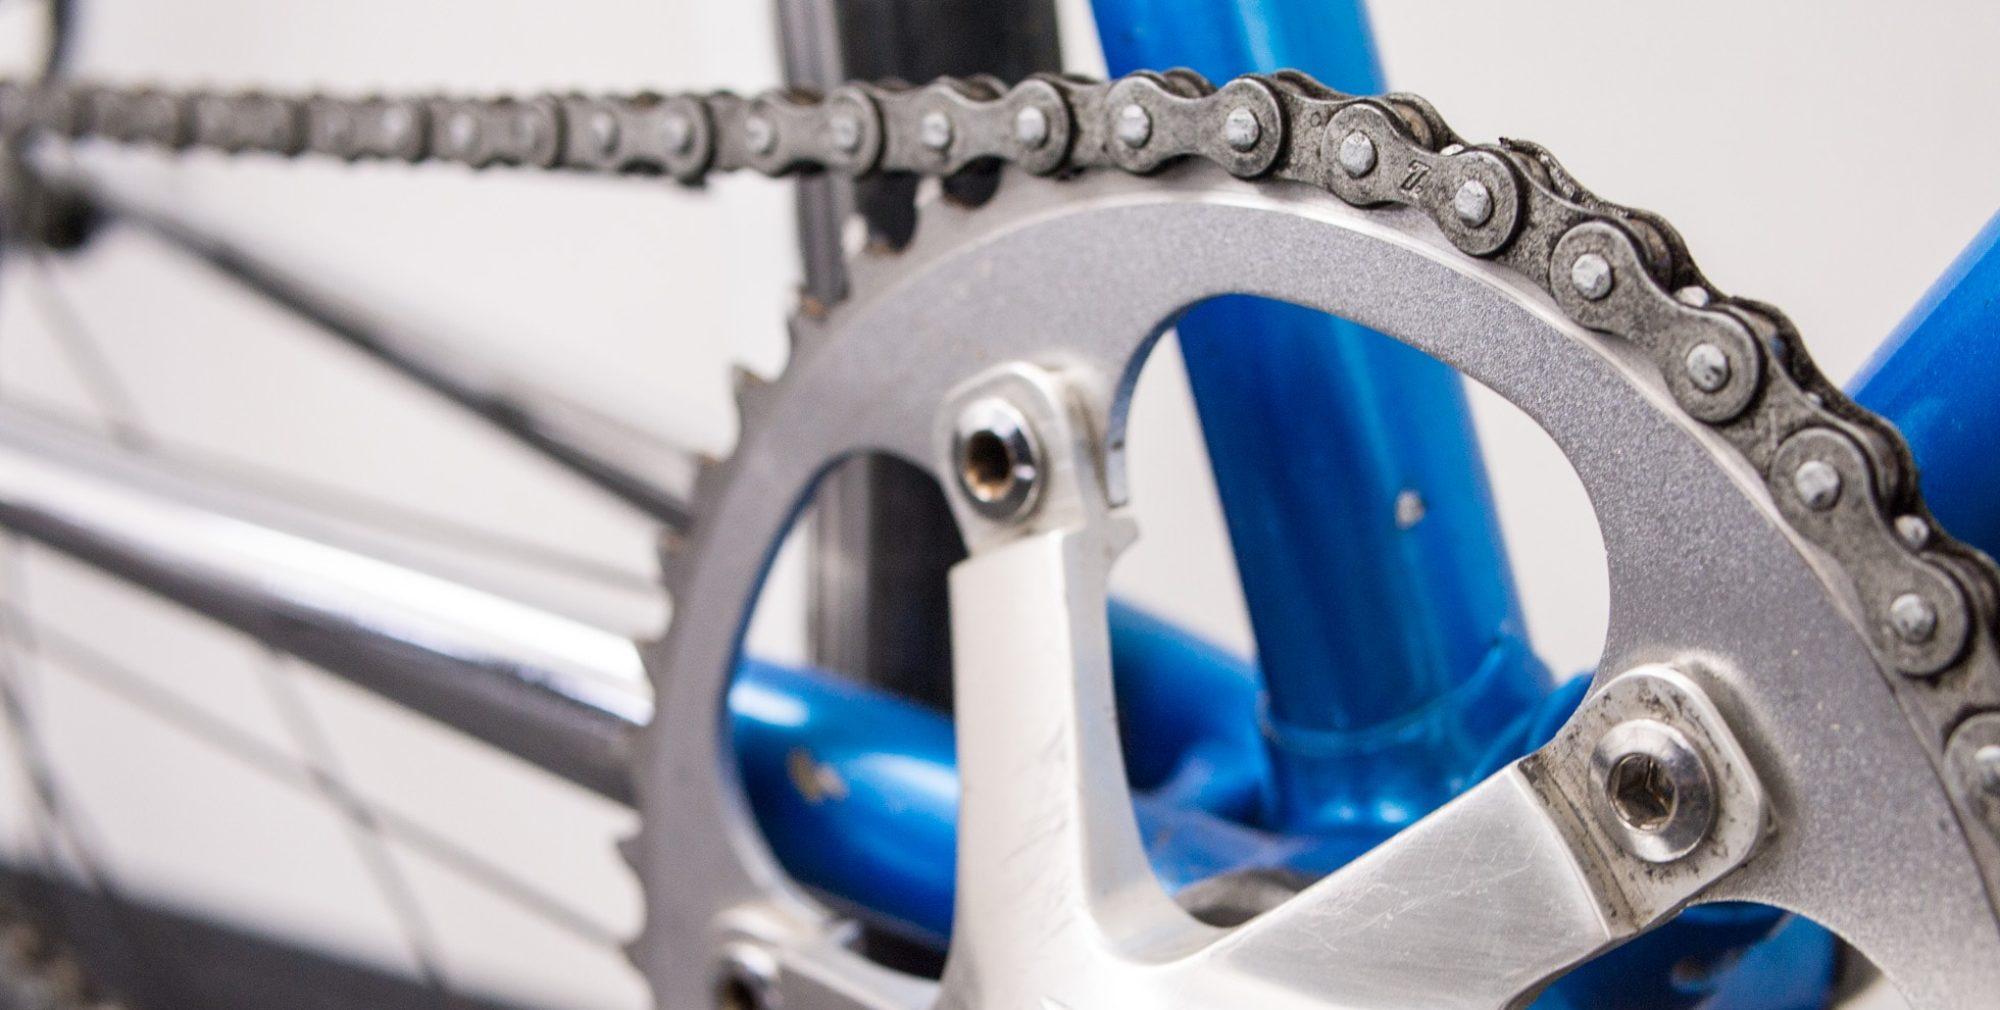 Fahrrad selber reparieren